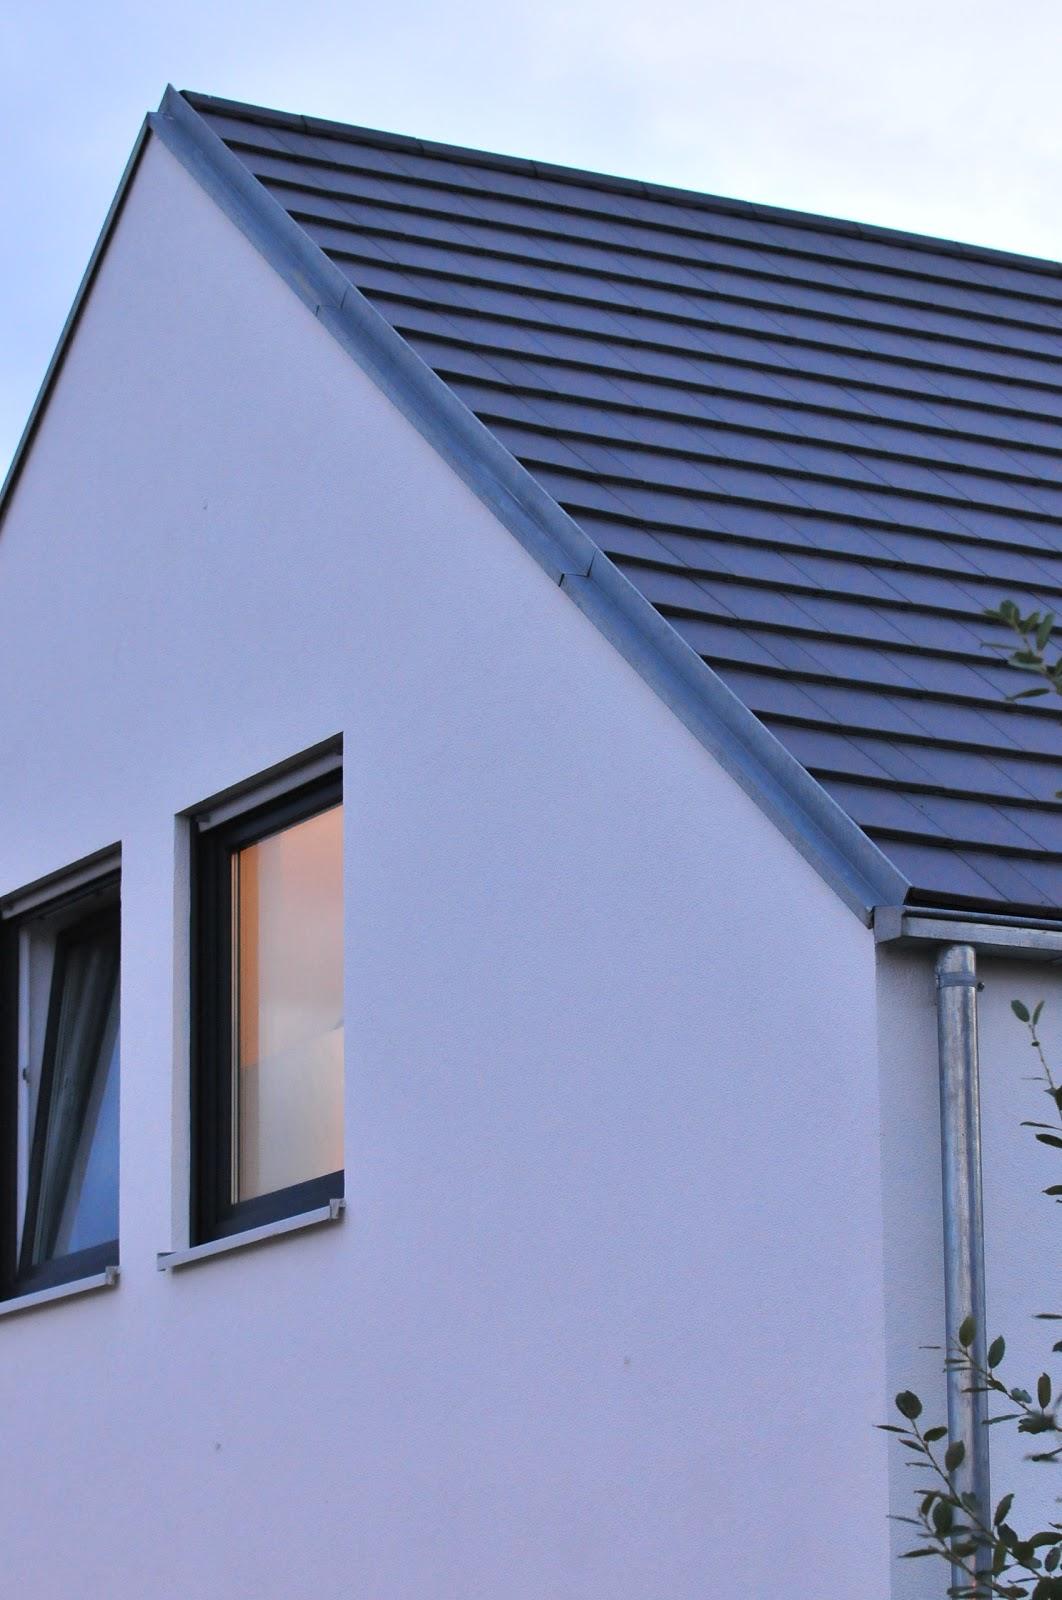 wir blogge r n unsern hausbau mit fertighaus weiss dachabschluss. Black Bedroom Furniture Sets. Home Design Ideas